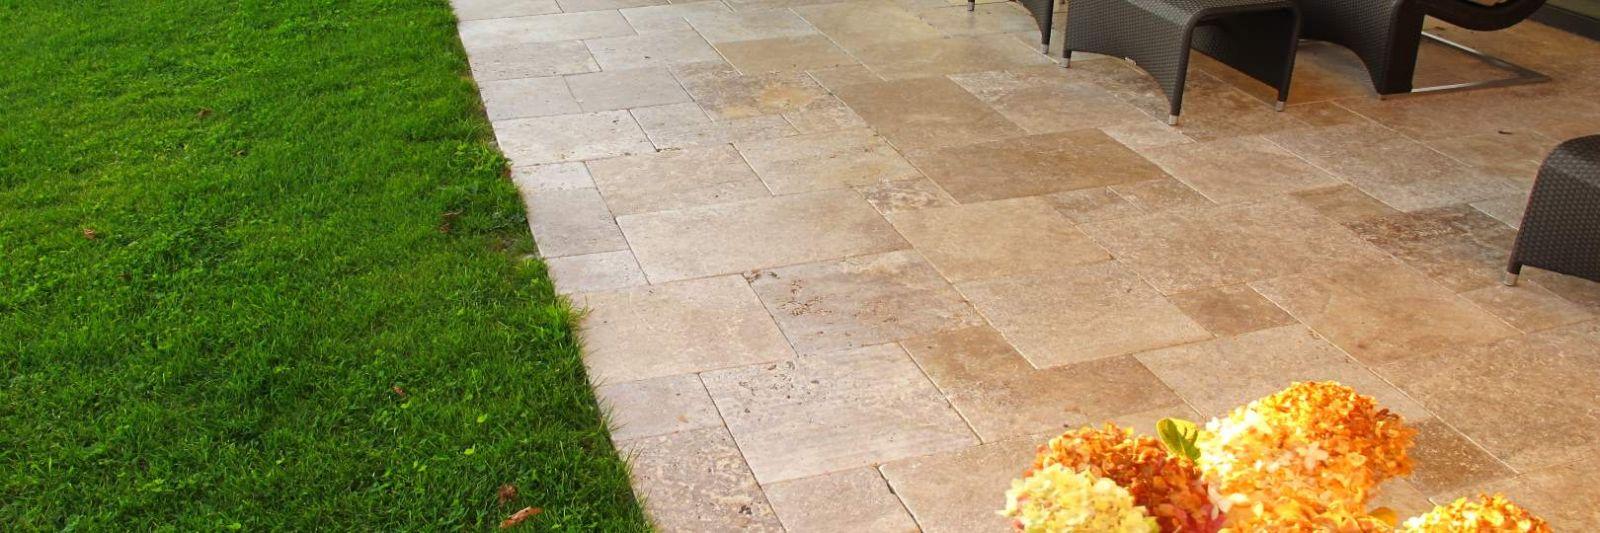 Travertin Terrassenplatten – Direkt vom Importeur